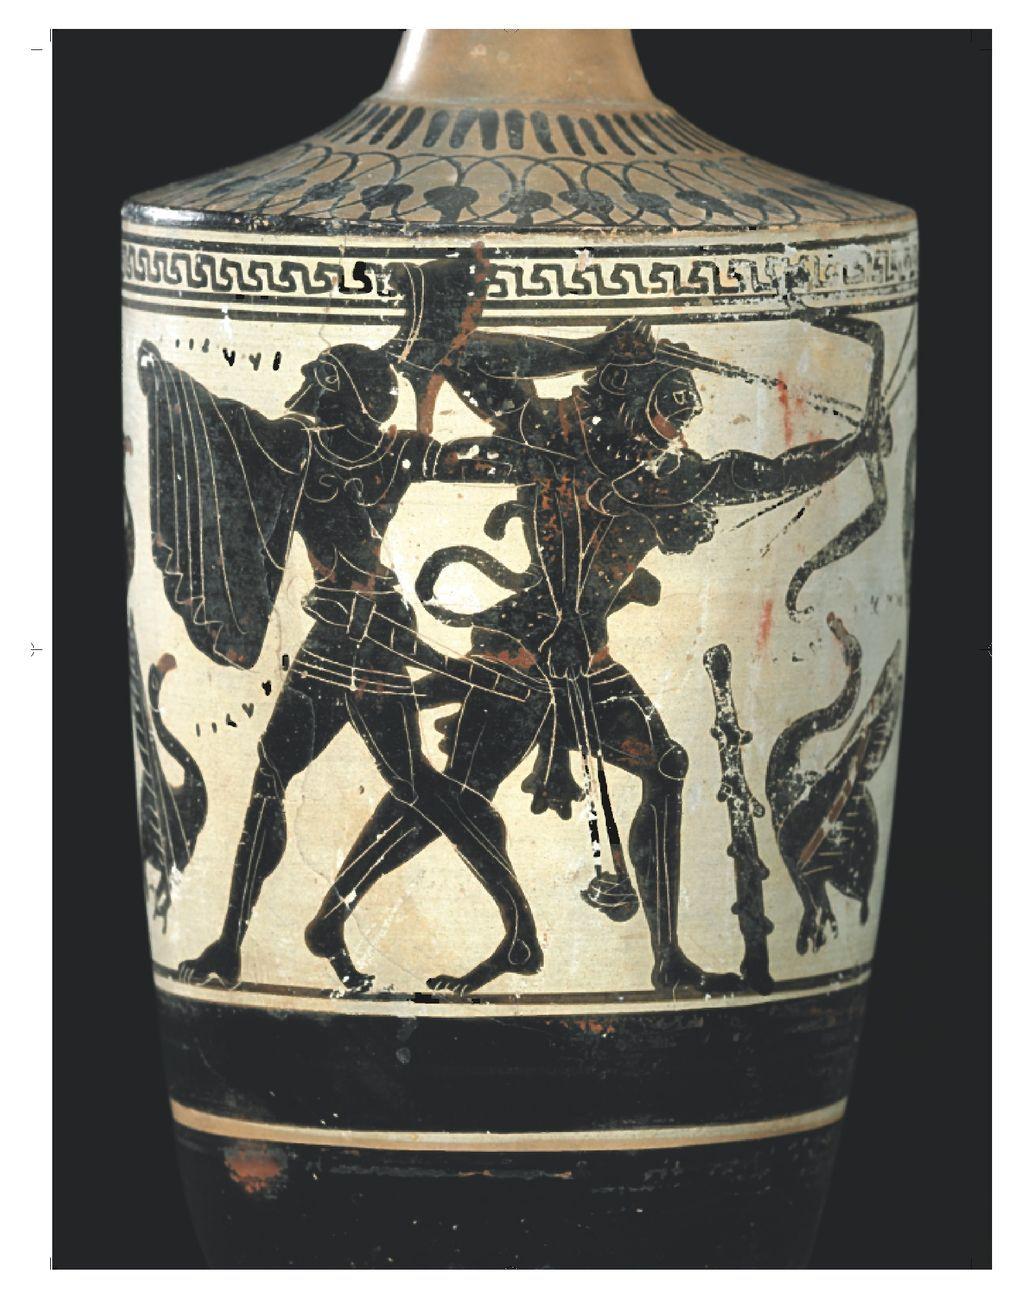 Lekythos attica a figure nere con raffigurazione di Ercole in lotta contro gli uccelli stinfalidi. Databile intorno al 490 a.C. Restituita dal Museum of Fine Arts di Boston nel 2006. Colori degli Etruschi, Centrale Montemartini, Roma 2020